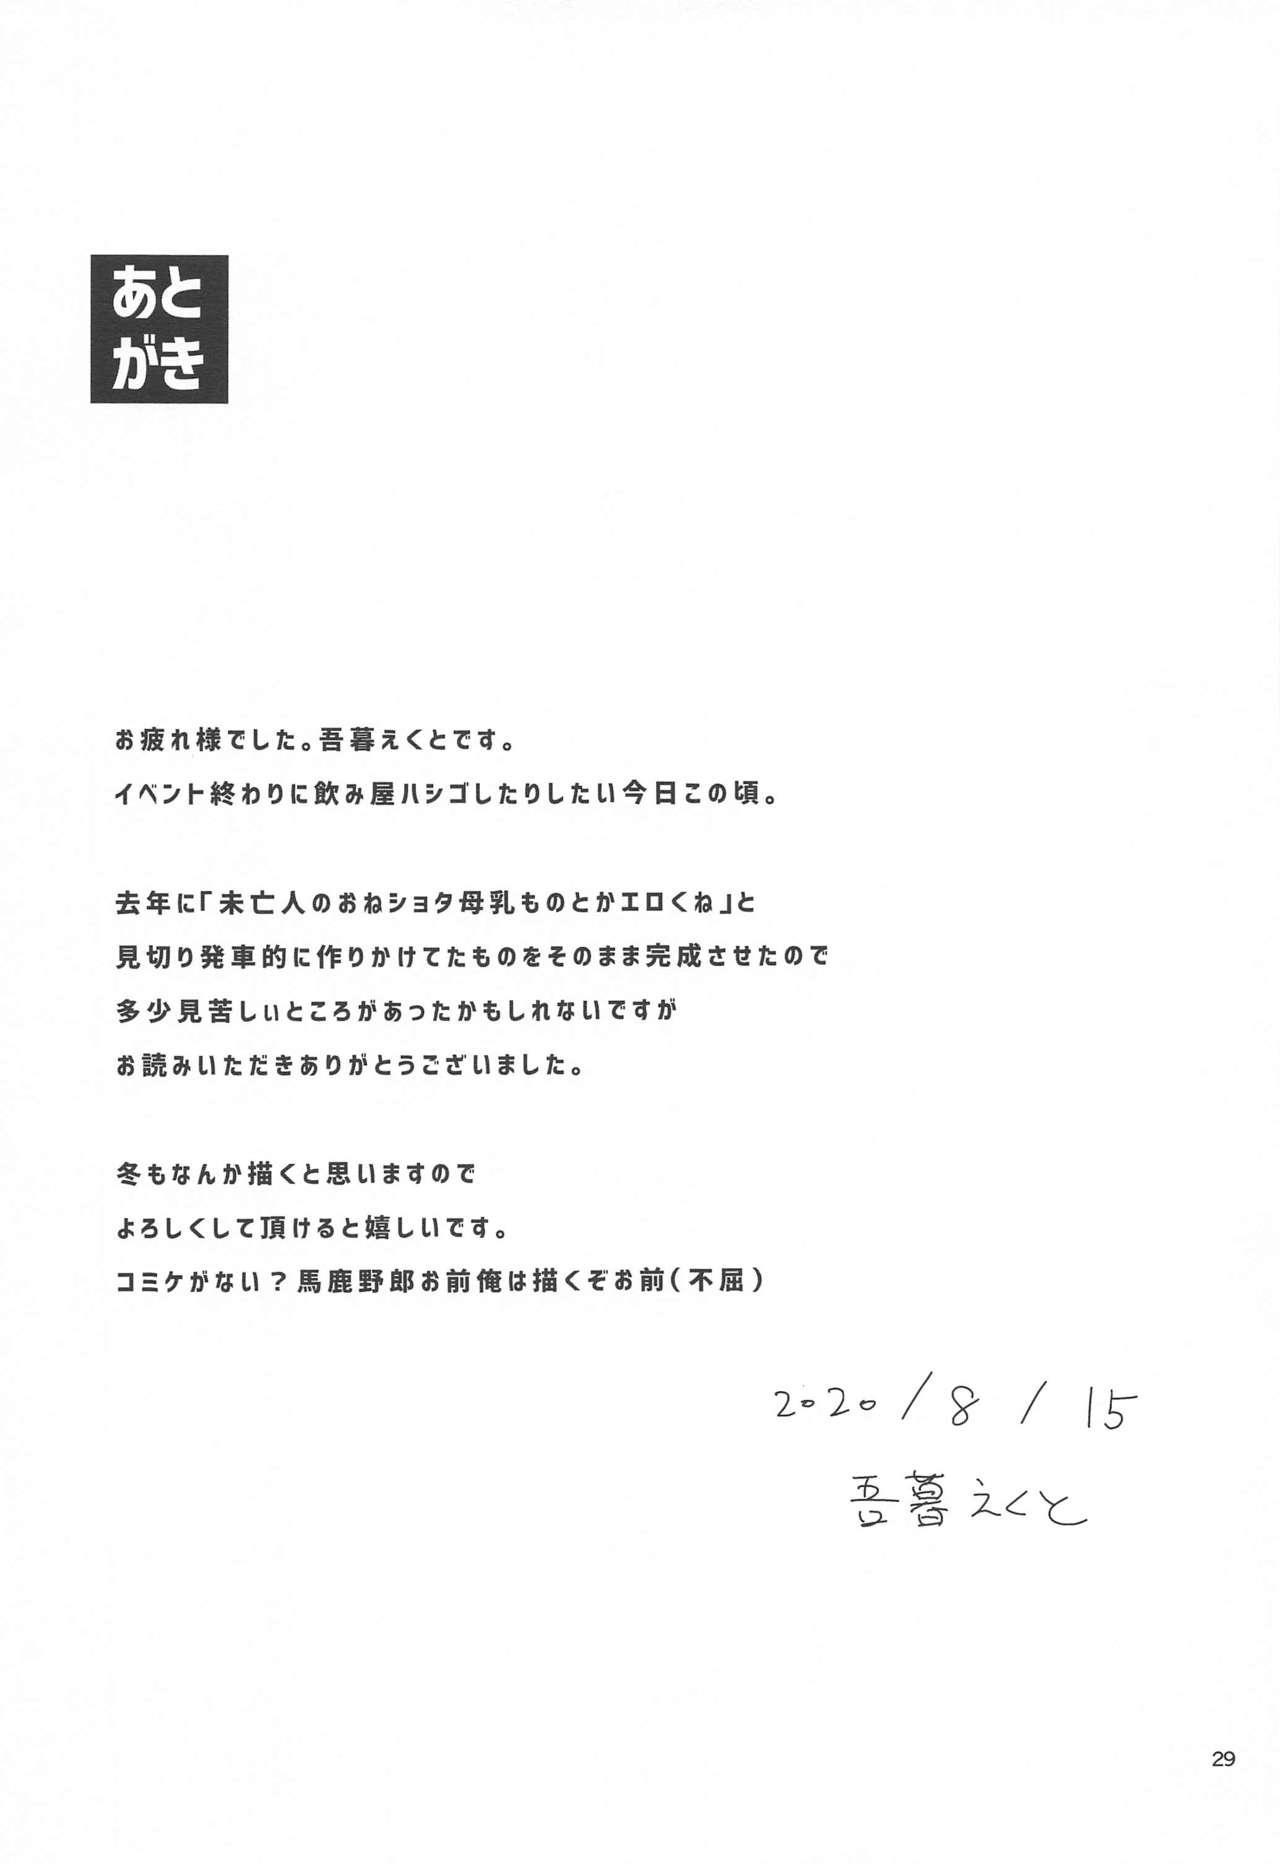 Tsuyudaku Ecchi no Junko-san 27